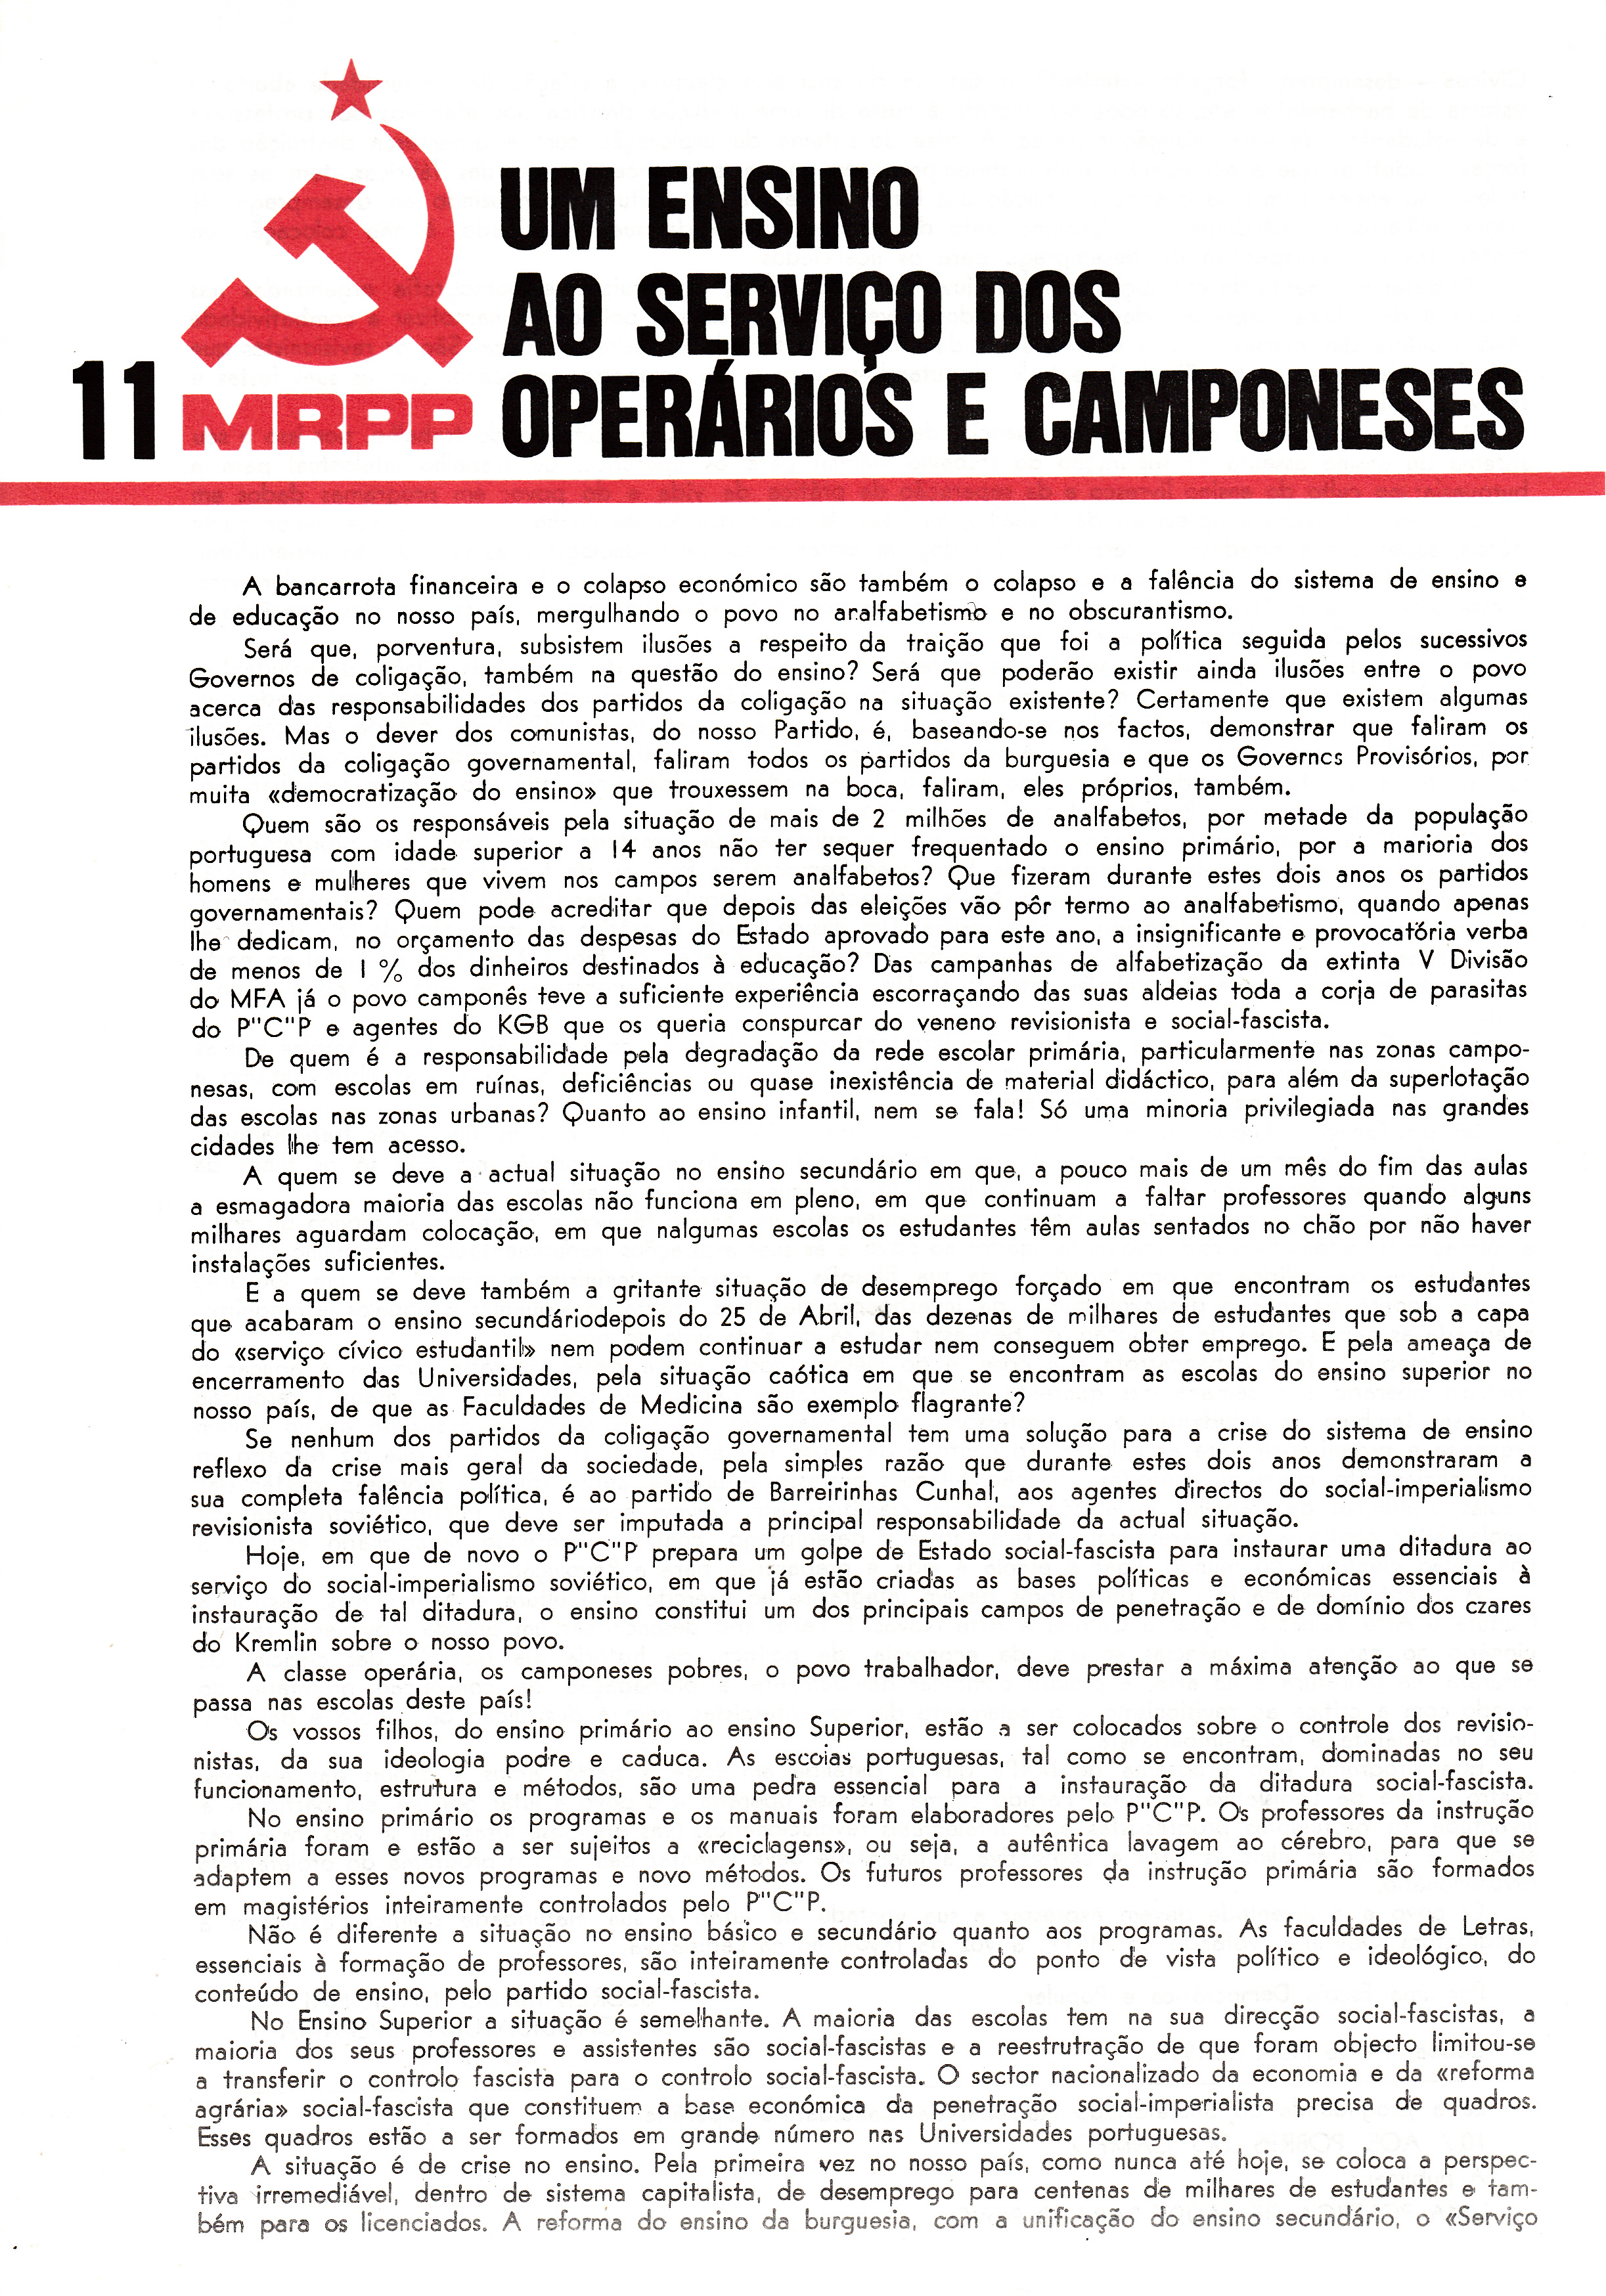 MRPP_1976_04_21_0021